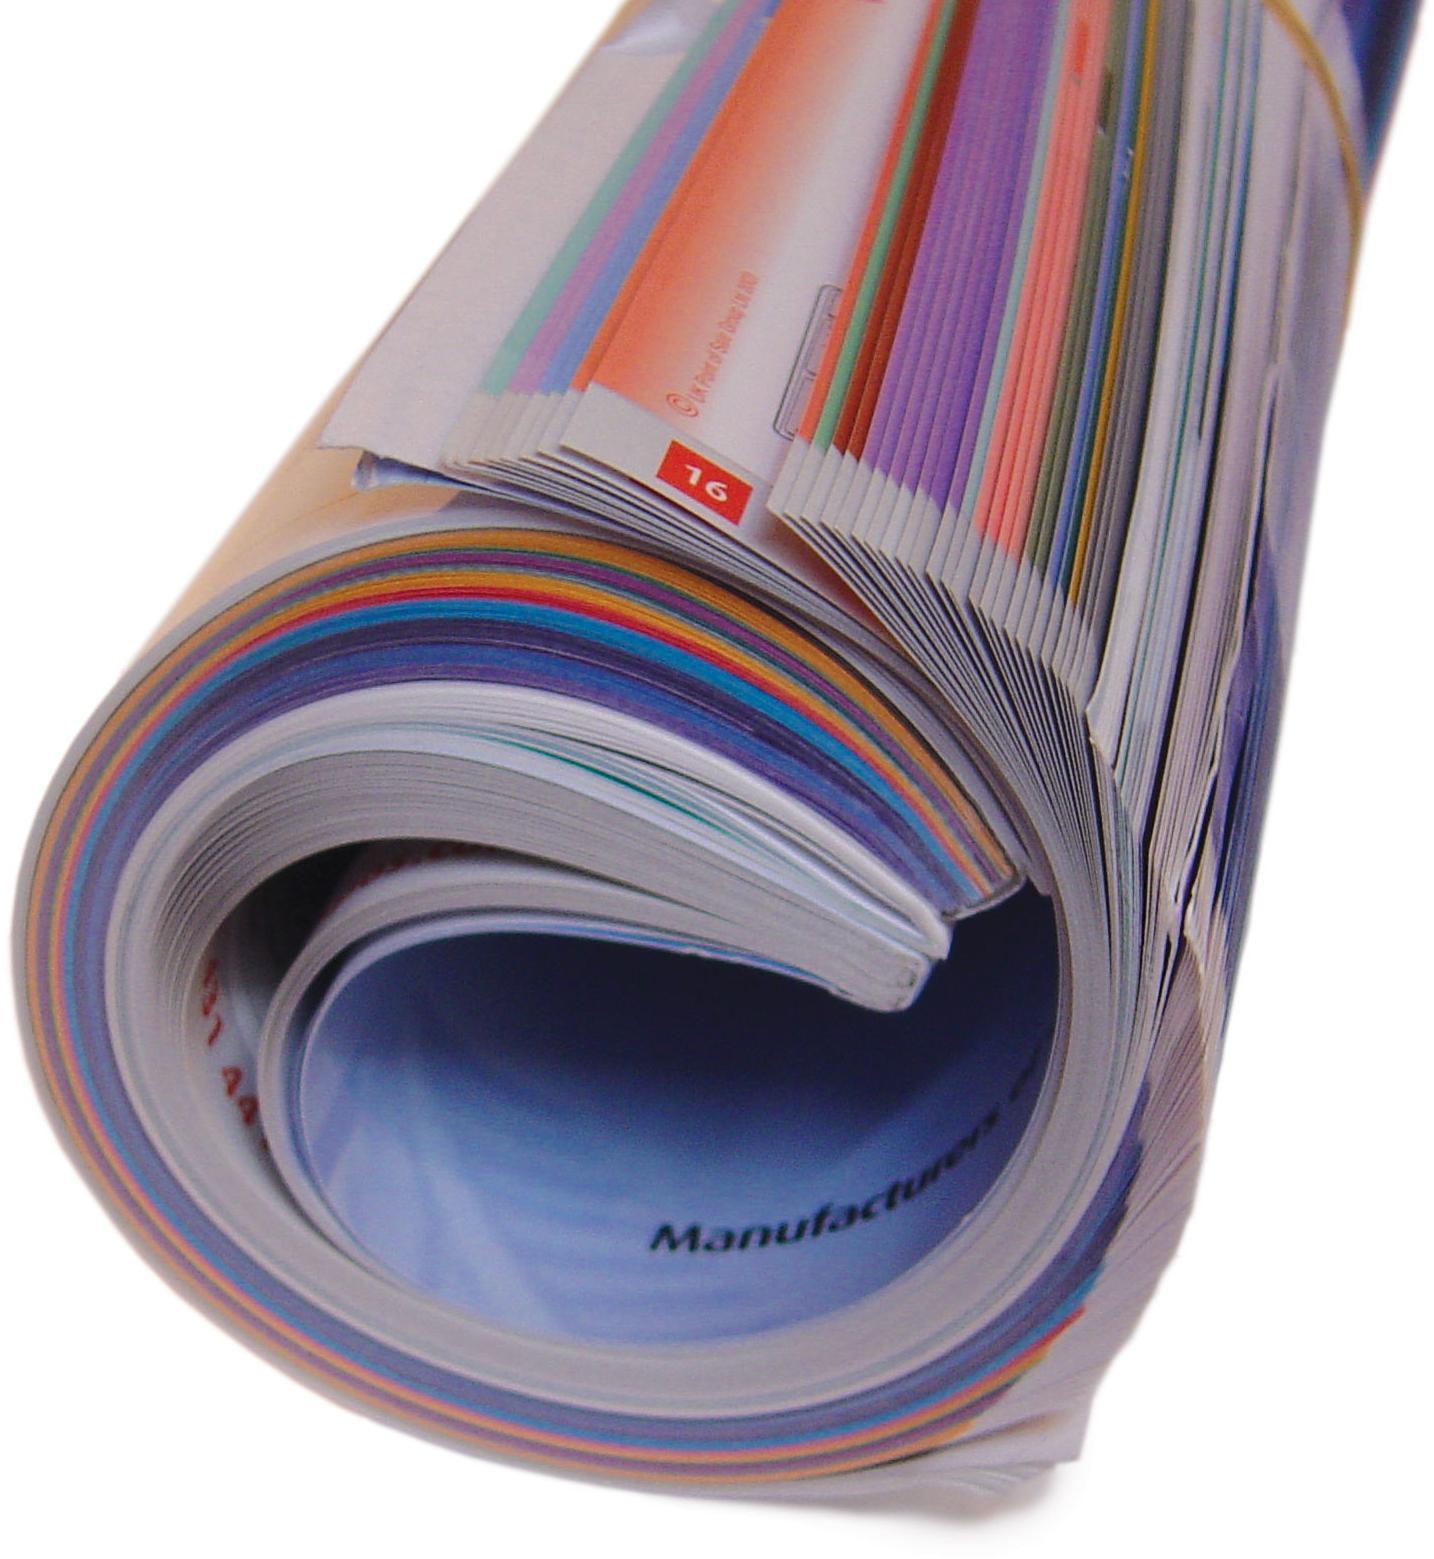 Impresión de folletos, revistas...